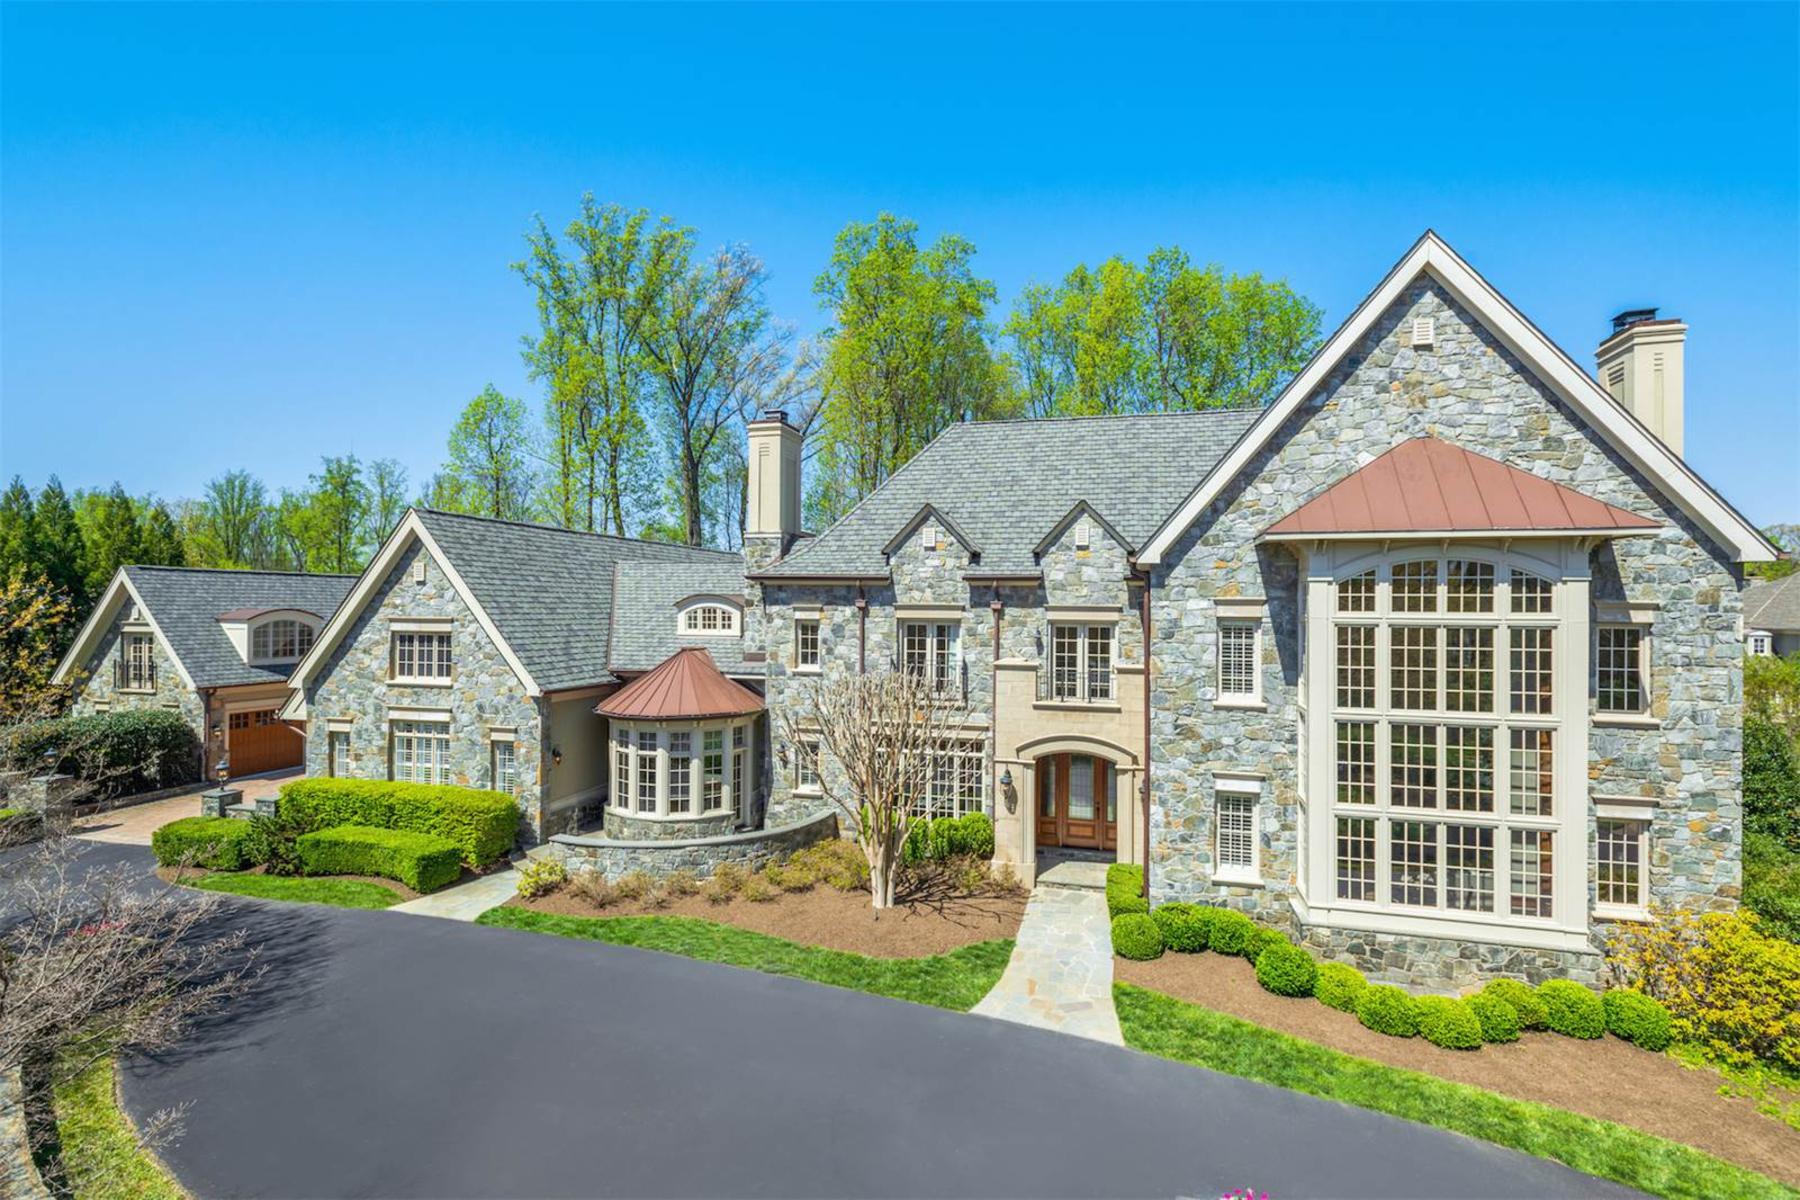 Maison unifamiliale pour l Vente à Masterpiece in The Reserve 1017 Founders Ridge Ln McLean, Virginia, 22102 États-Unis